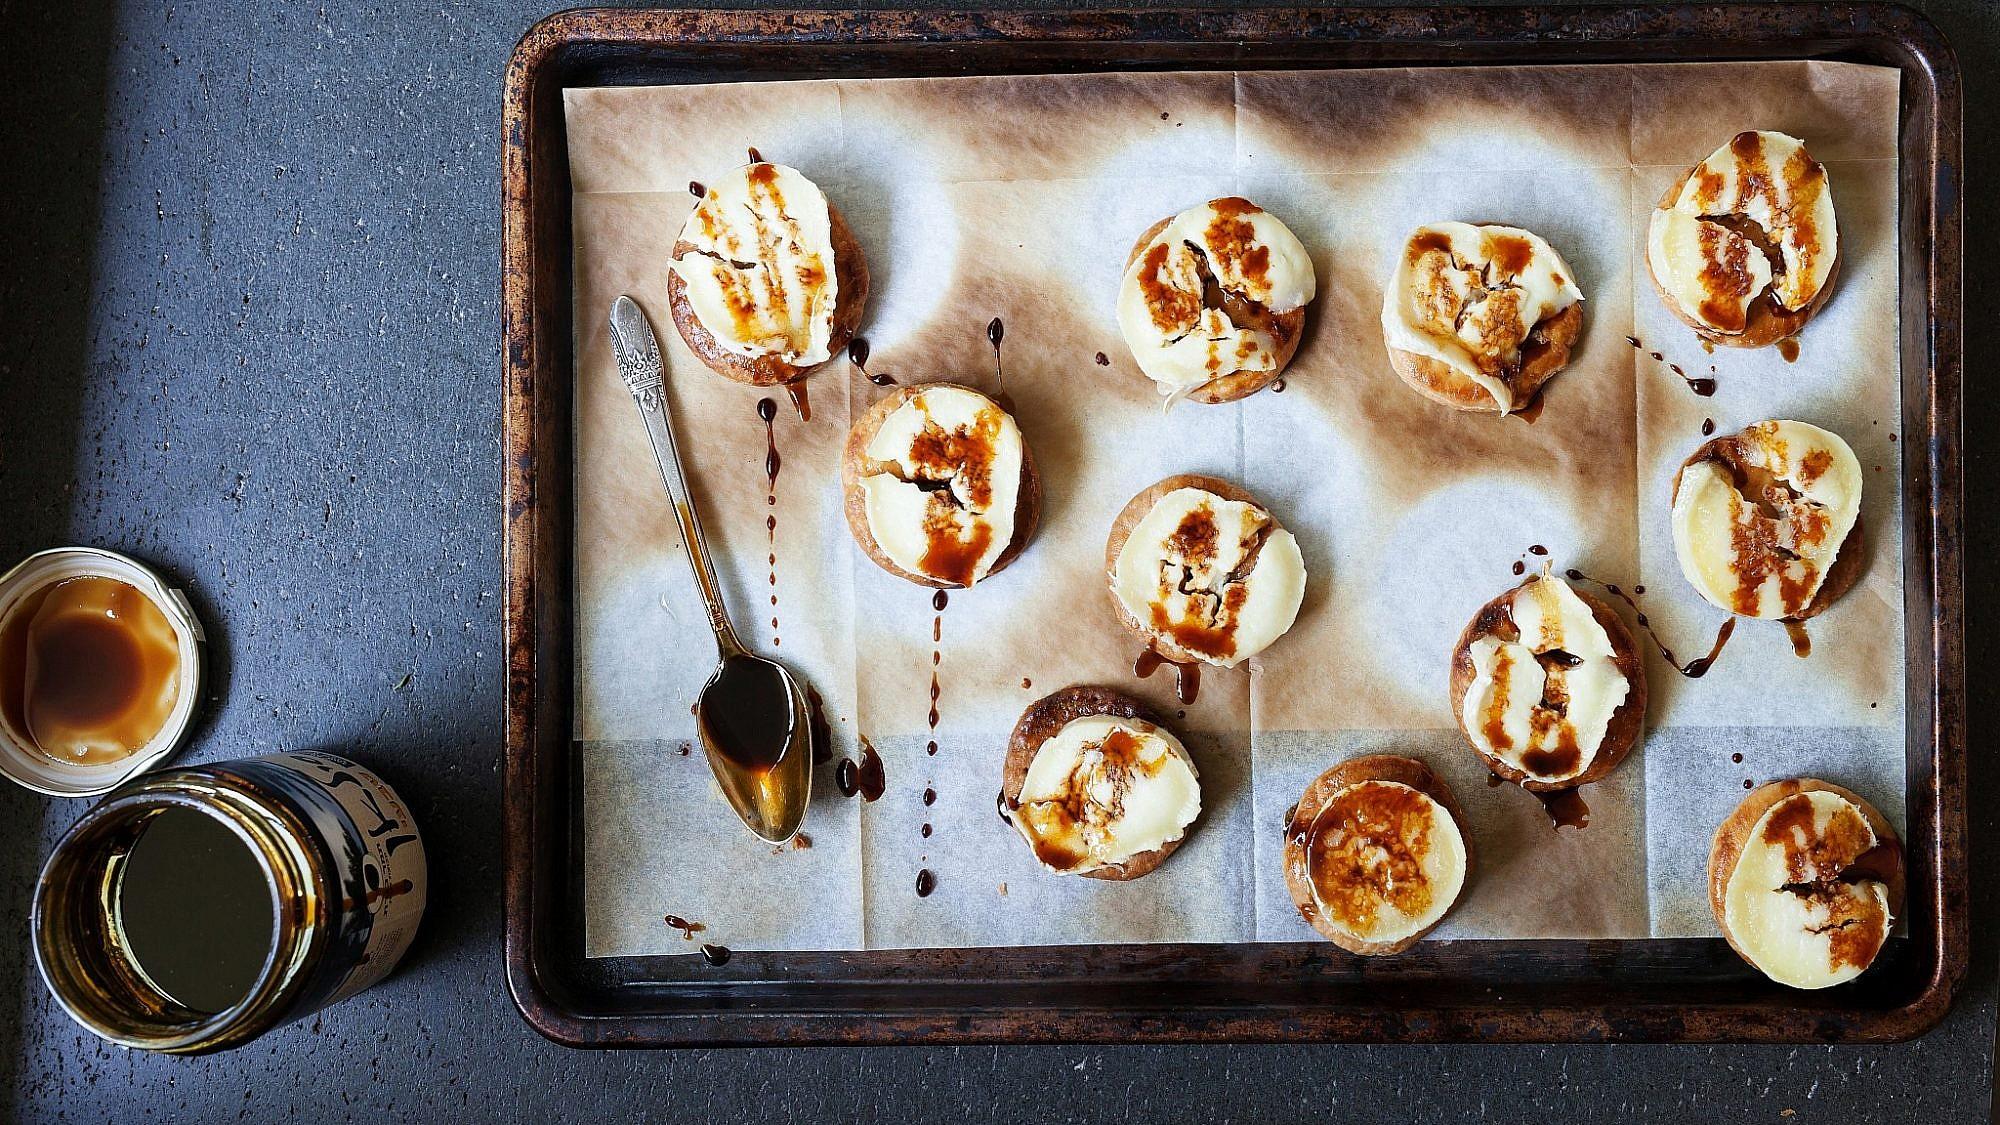 עוגיות גבינת עיזים וסילאן של סיון שטרנבך. צילום: דניאל לילה